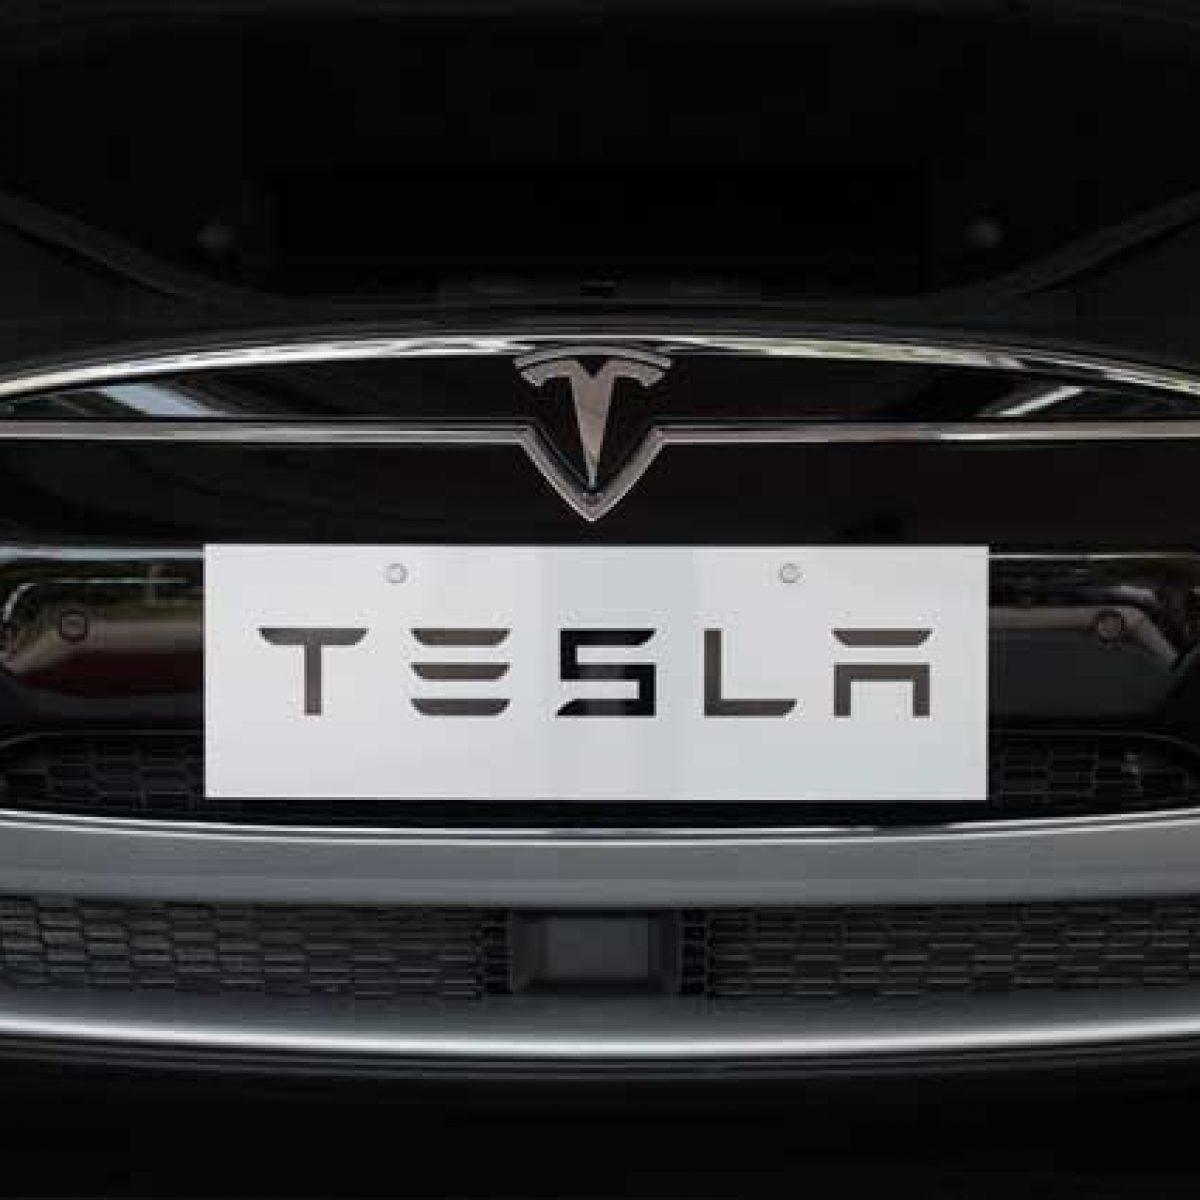 beb5a3fbce Tesla frena in Borsa, consegne sotto le attese e taglio dei prezzi negli Usa